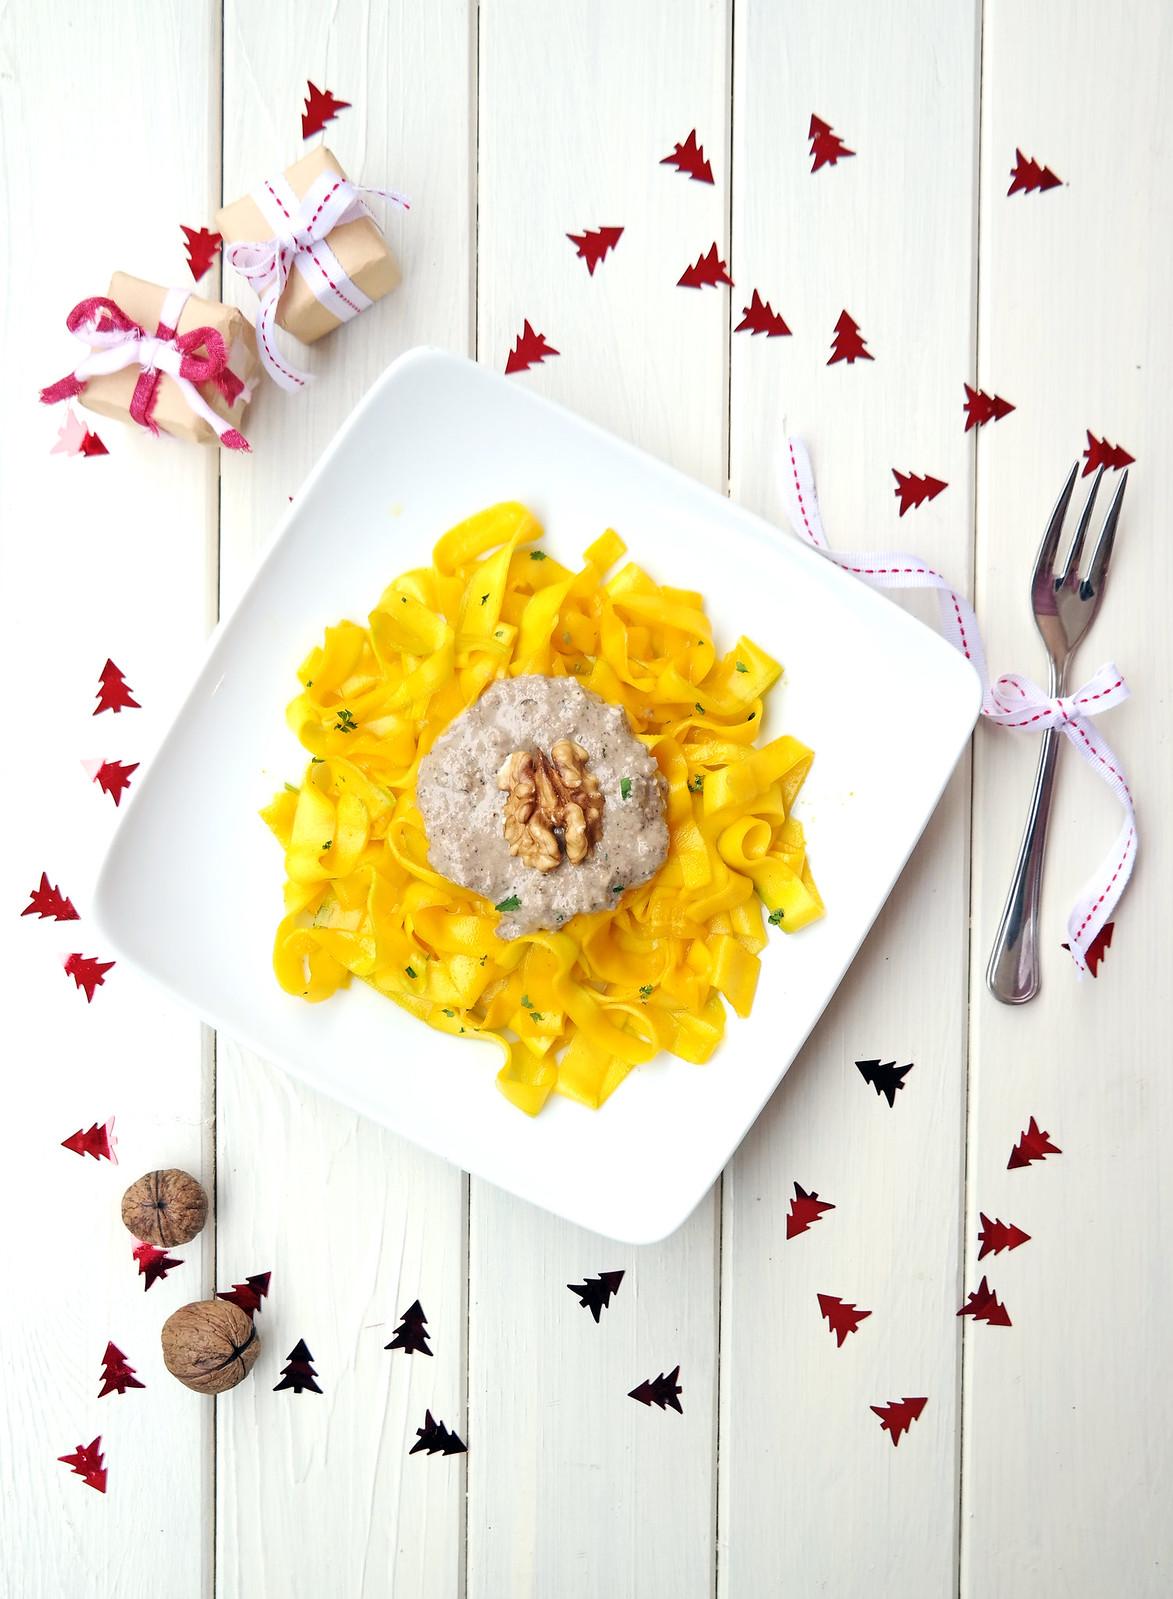 Raw ragliatelle with mushroom & walnut sauce + saffron